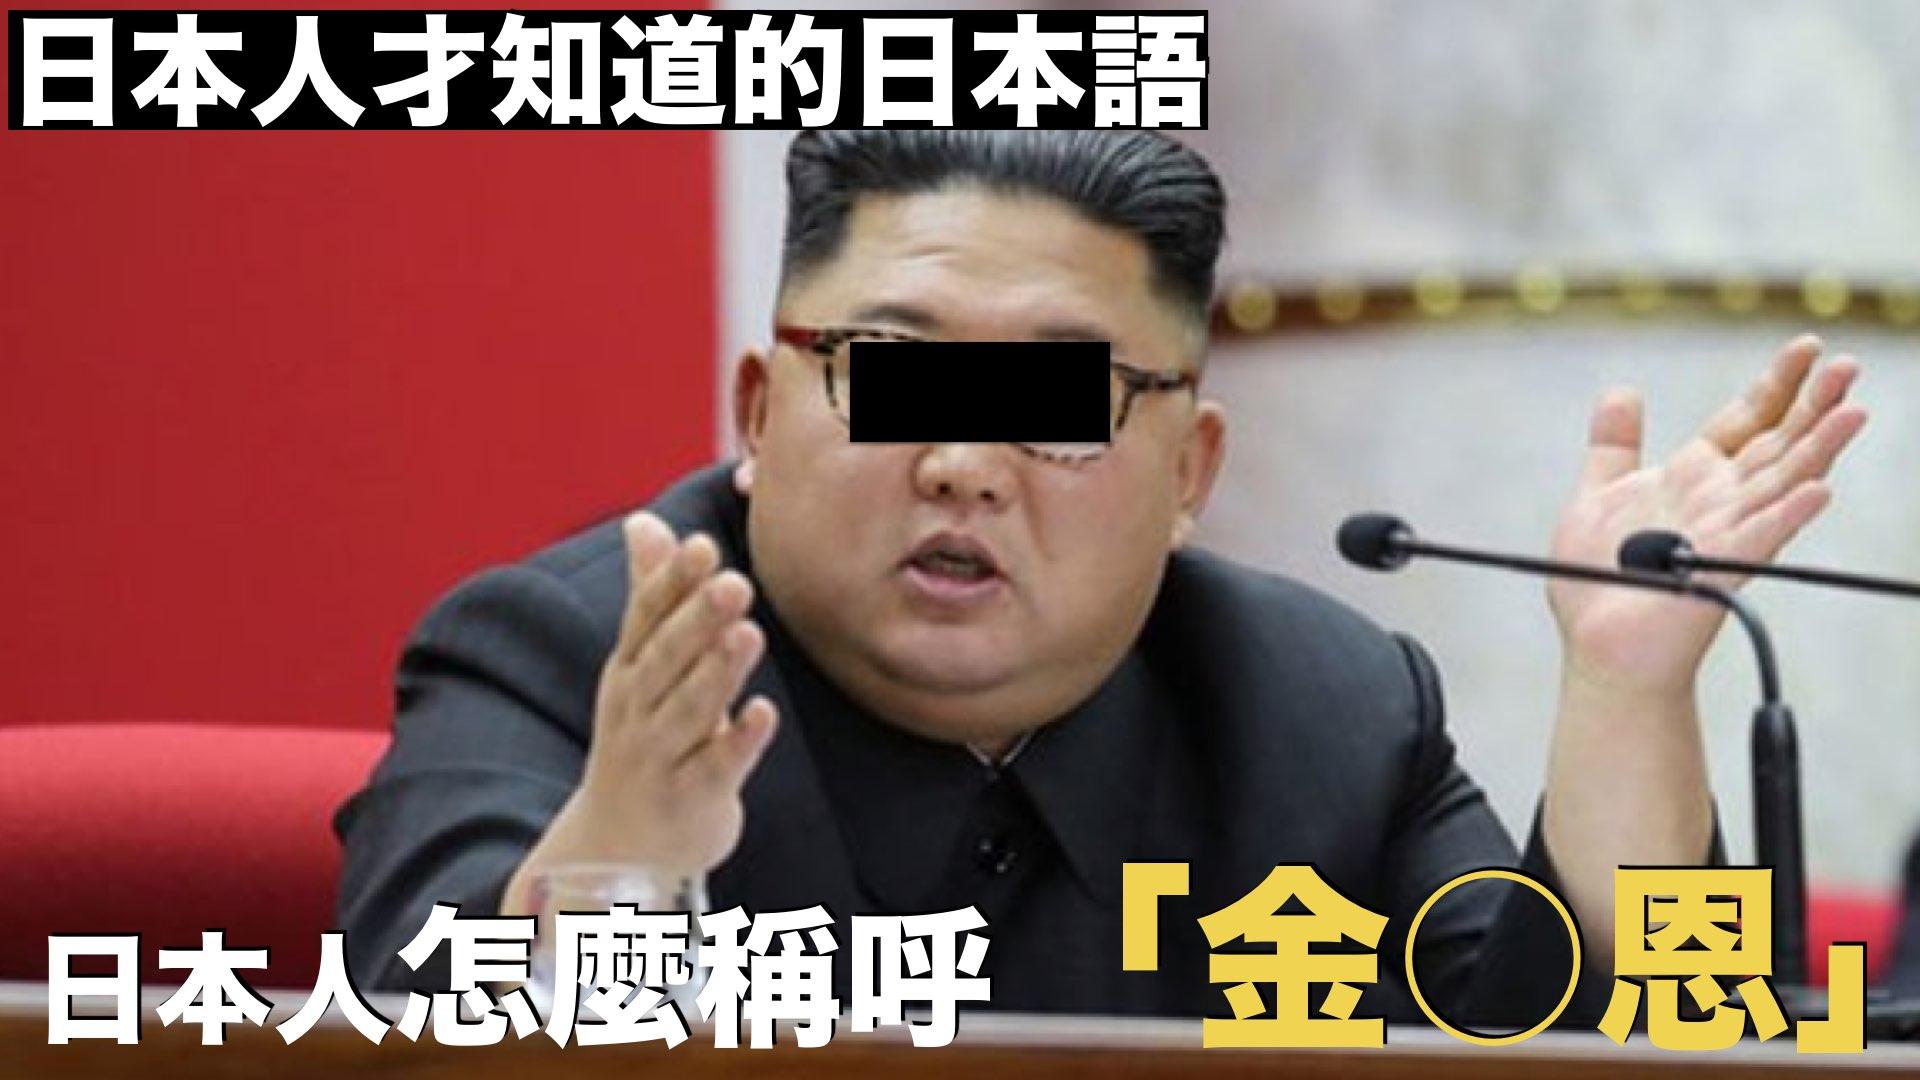 【日本人才知道的日本語】北○鮮的暗喻,日本人怎麼稱呼「金○恩」?/【日本人しか知らない日本語】北○鮮の隠語「金○恩」日本人はどう言う?